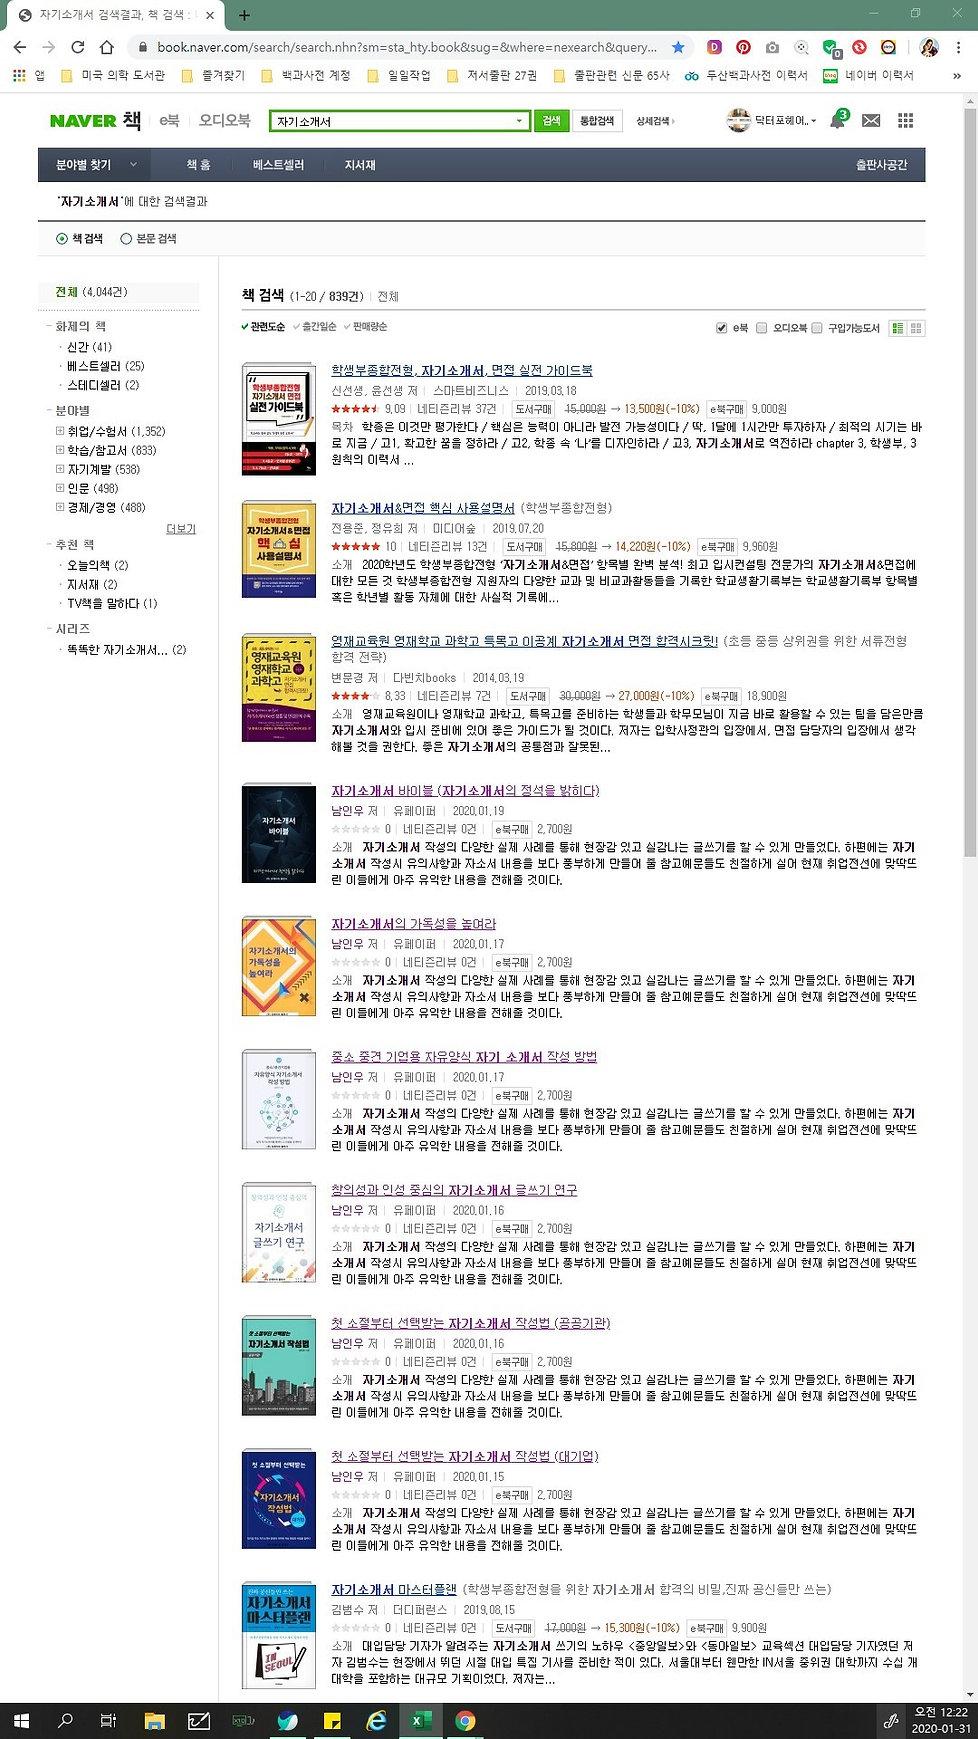 네이버 자기소개서 4.5.6.7.8.9위.jpg